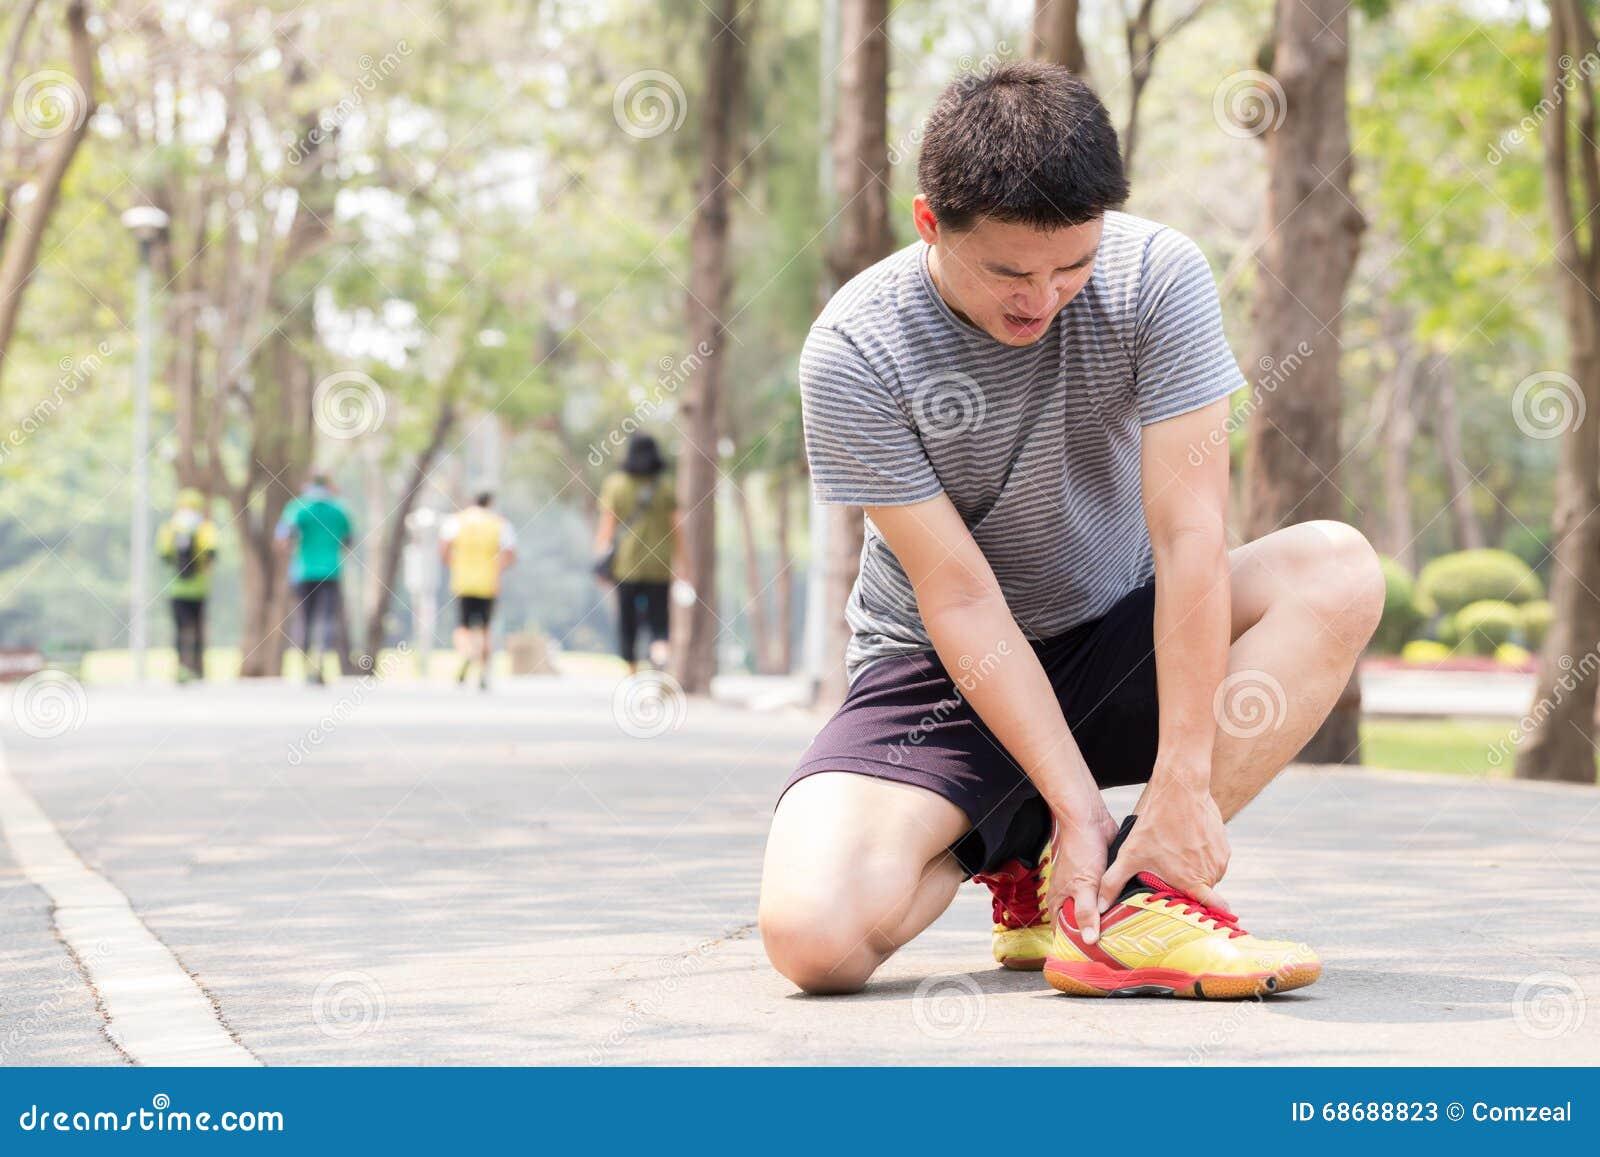 特写镜头伤害行程肌肉痛赛跑者连续体育运动弄脏大腿涉及 充满痛苦的人在脚腕,当跑步时